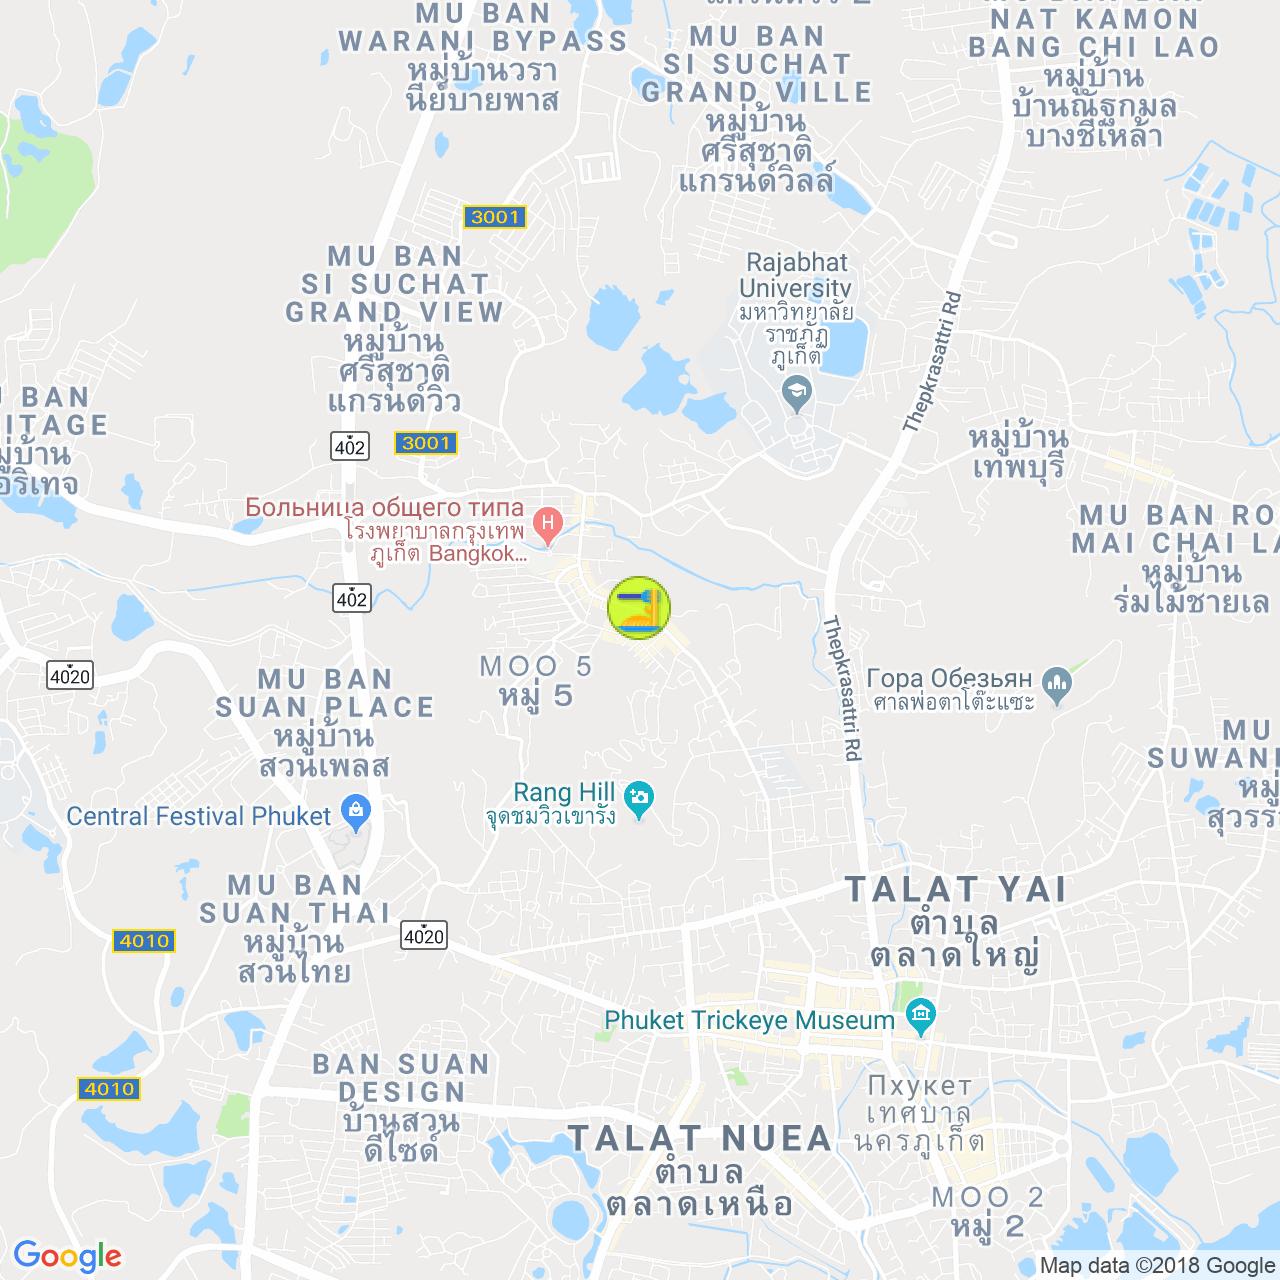 WeCafe в Пхукет тауне на карте Пхукета